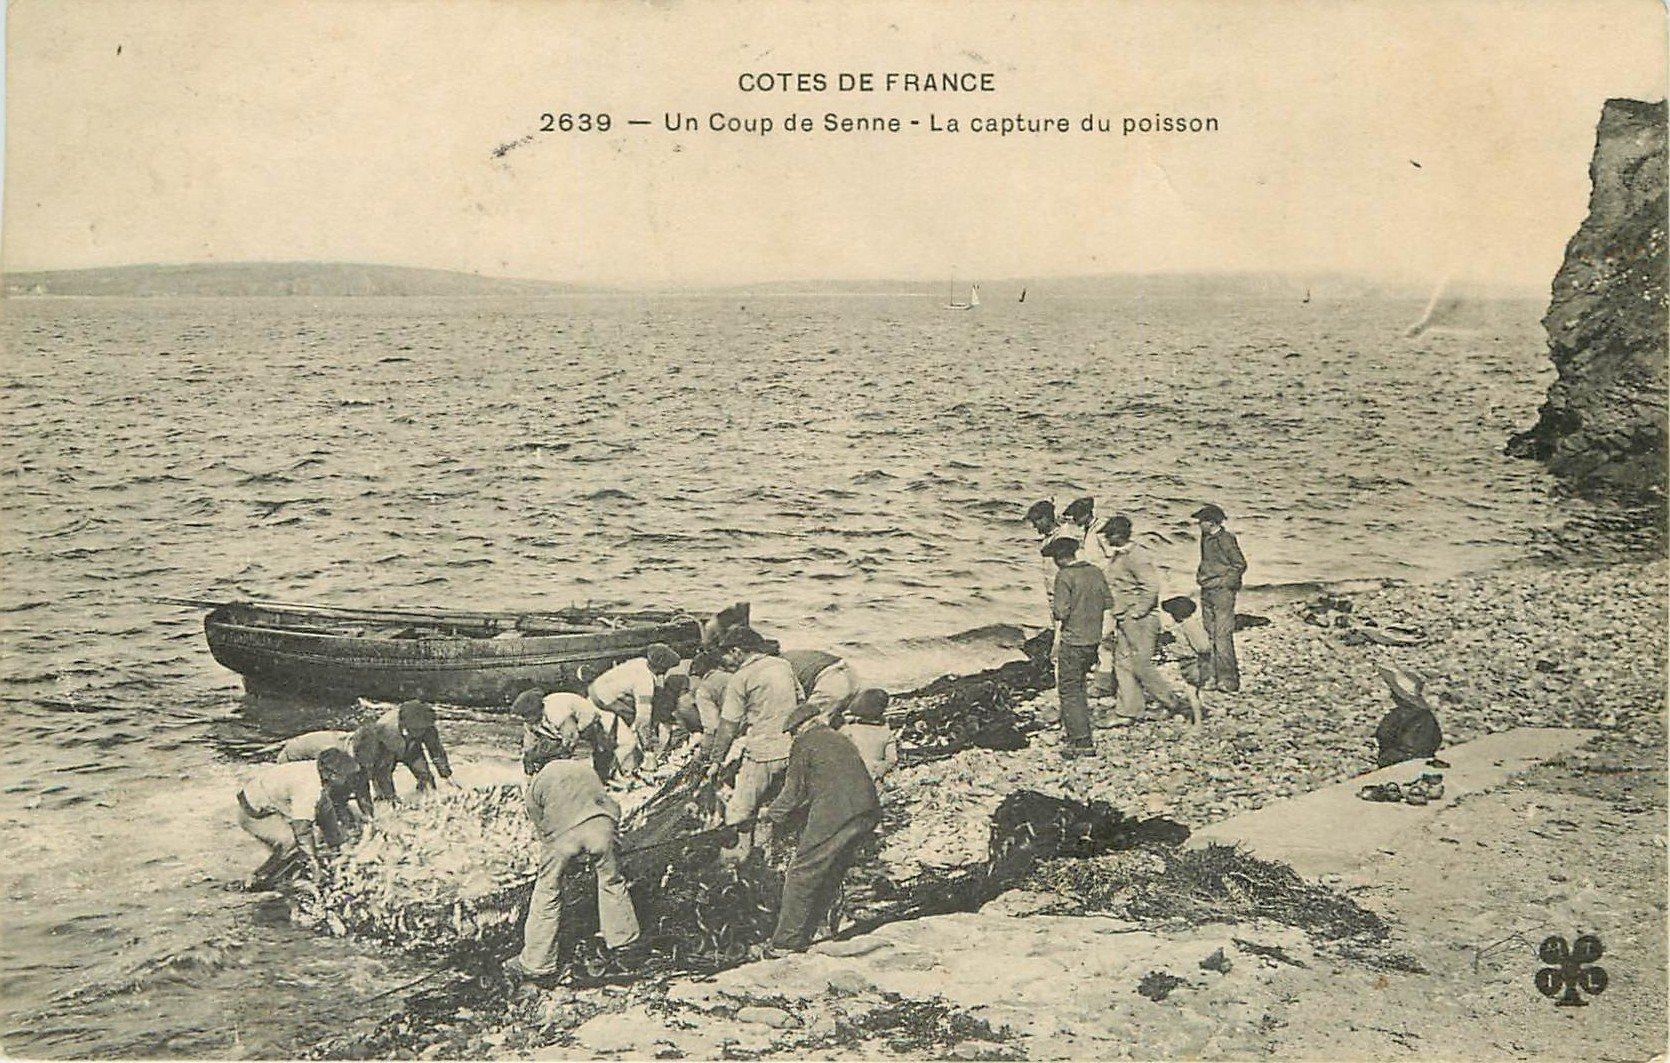 METIERS DE LA MER. Un coup de senne, la capture du poisson dans les filets des Pêcheurs 1908